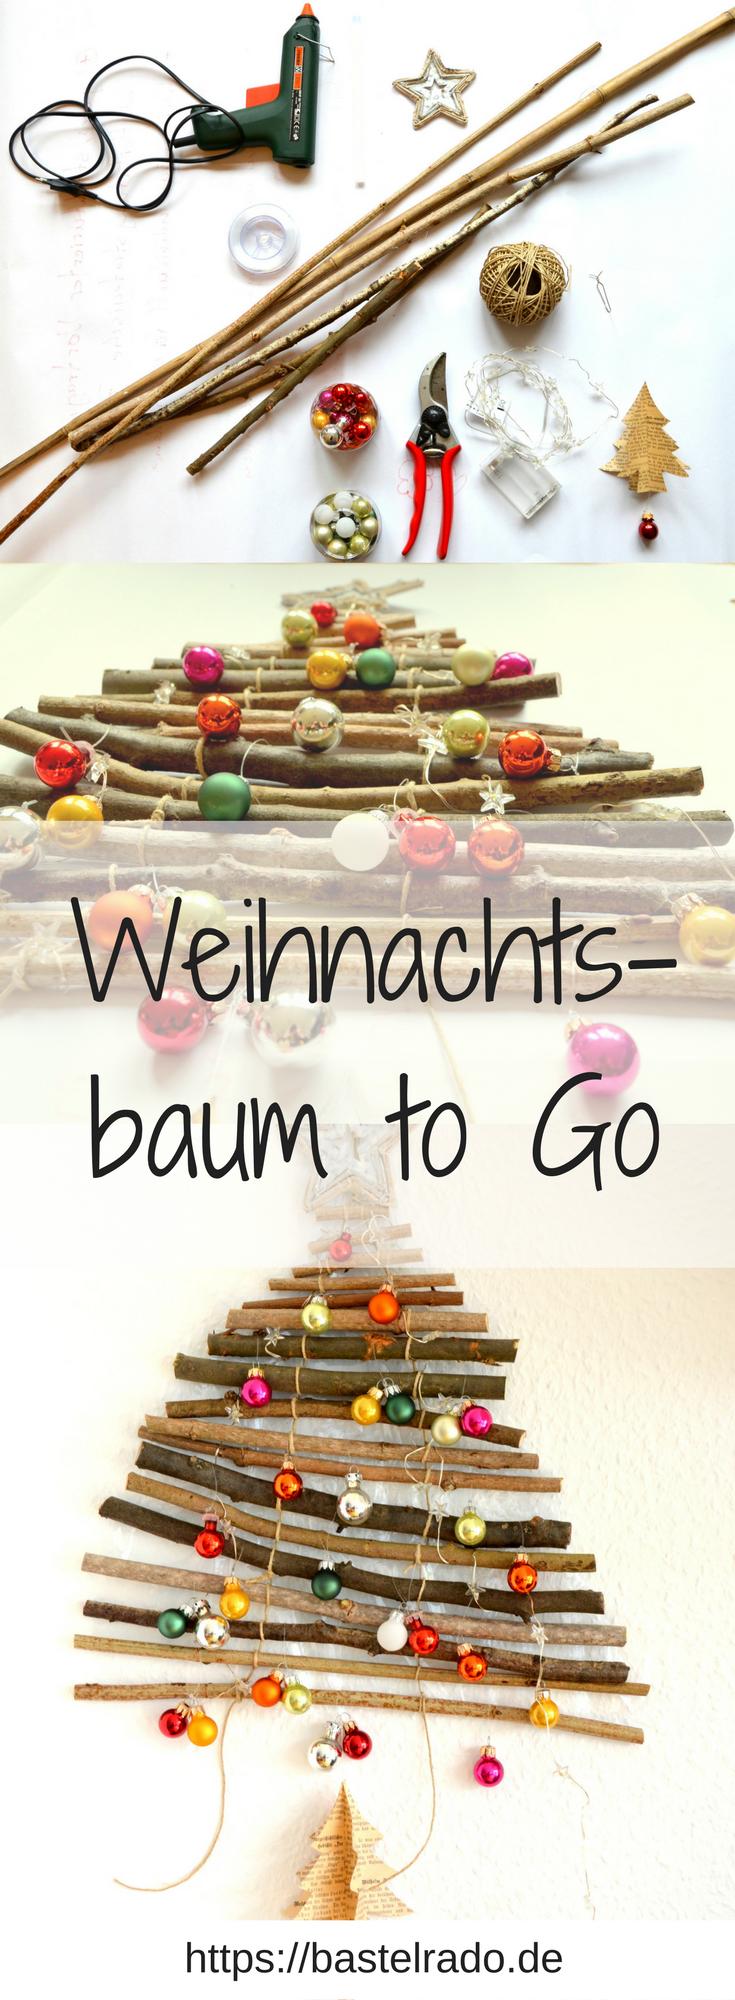 Weihnachtsbaum to go 2 bastelrado - Dekorierter weihnachtsbaum ...